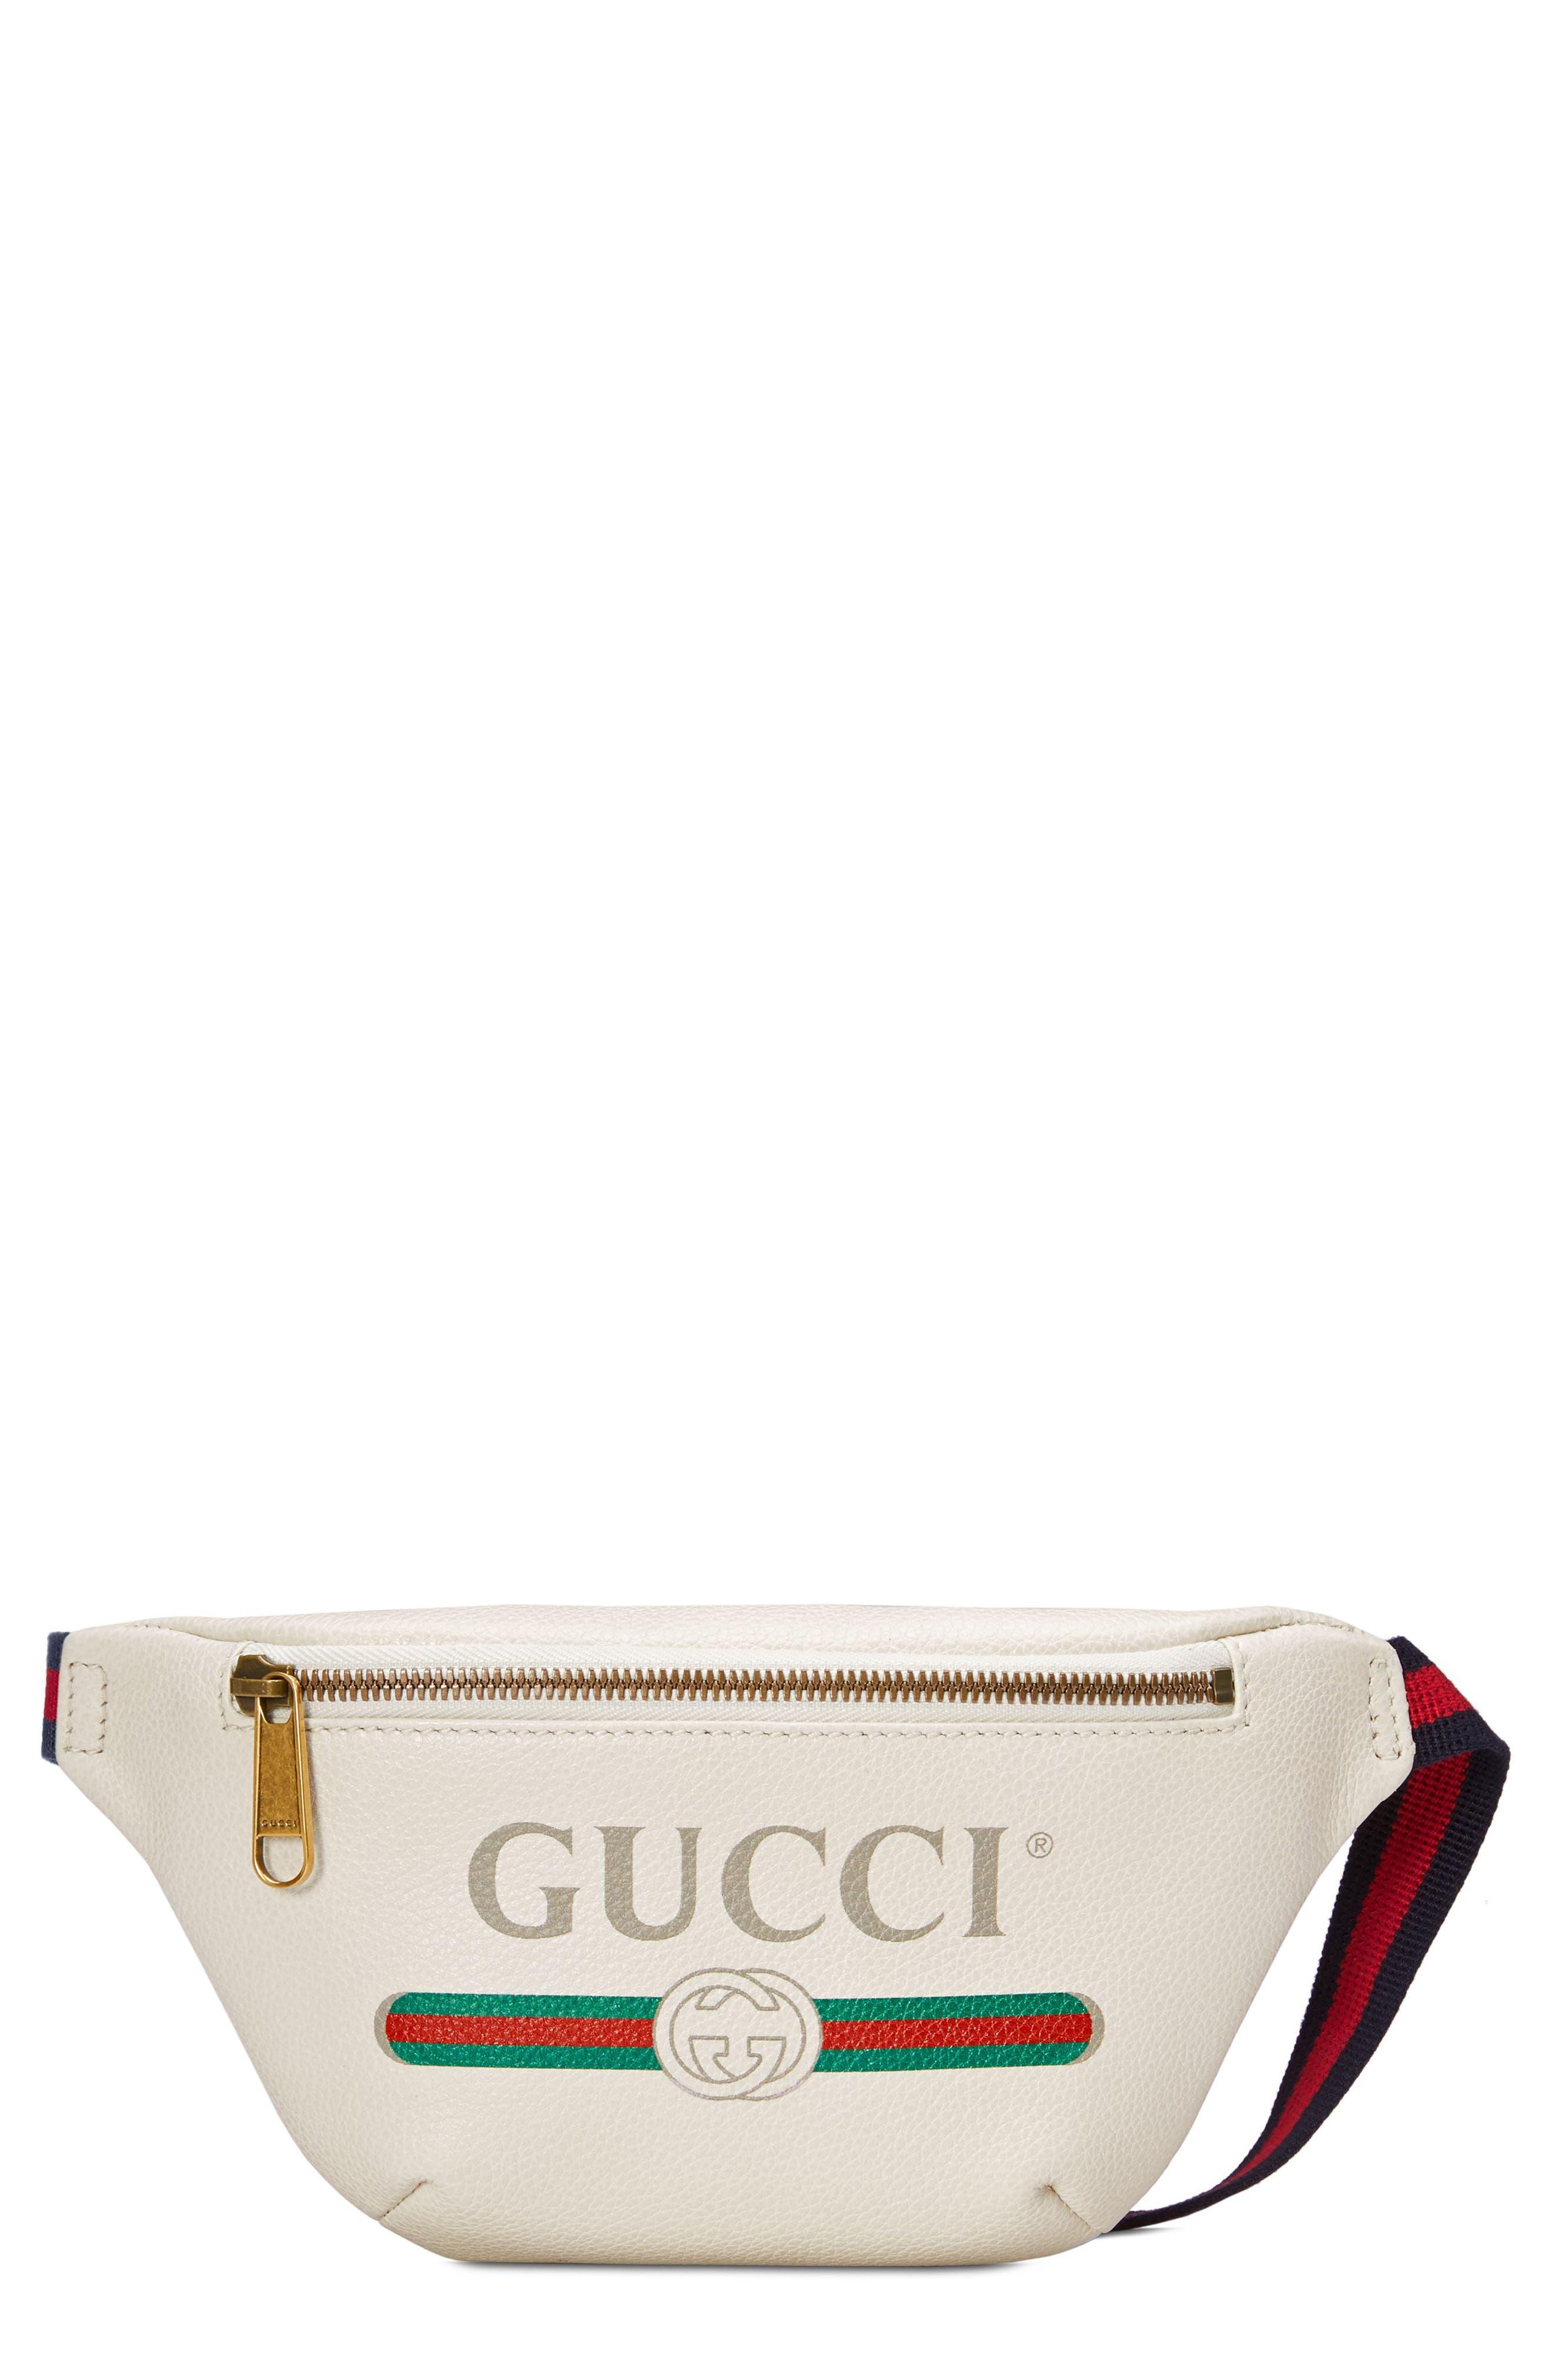 d4243eeb8622 Gucci Belt Bags   Fanny Packs